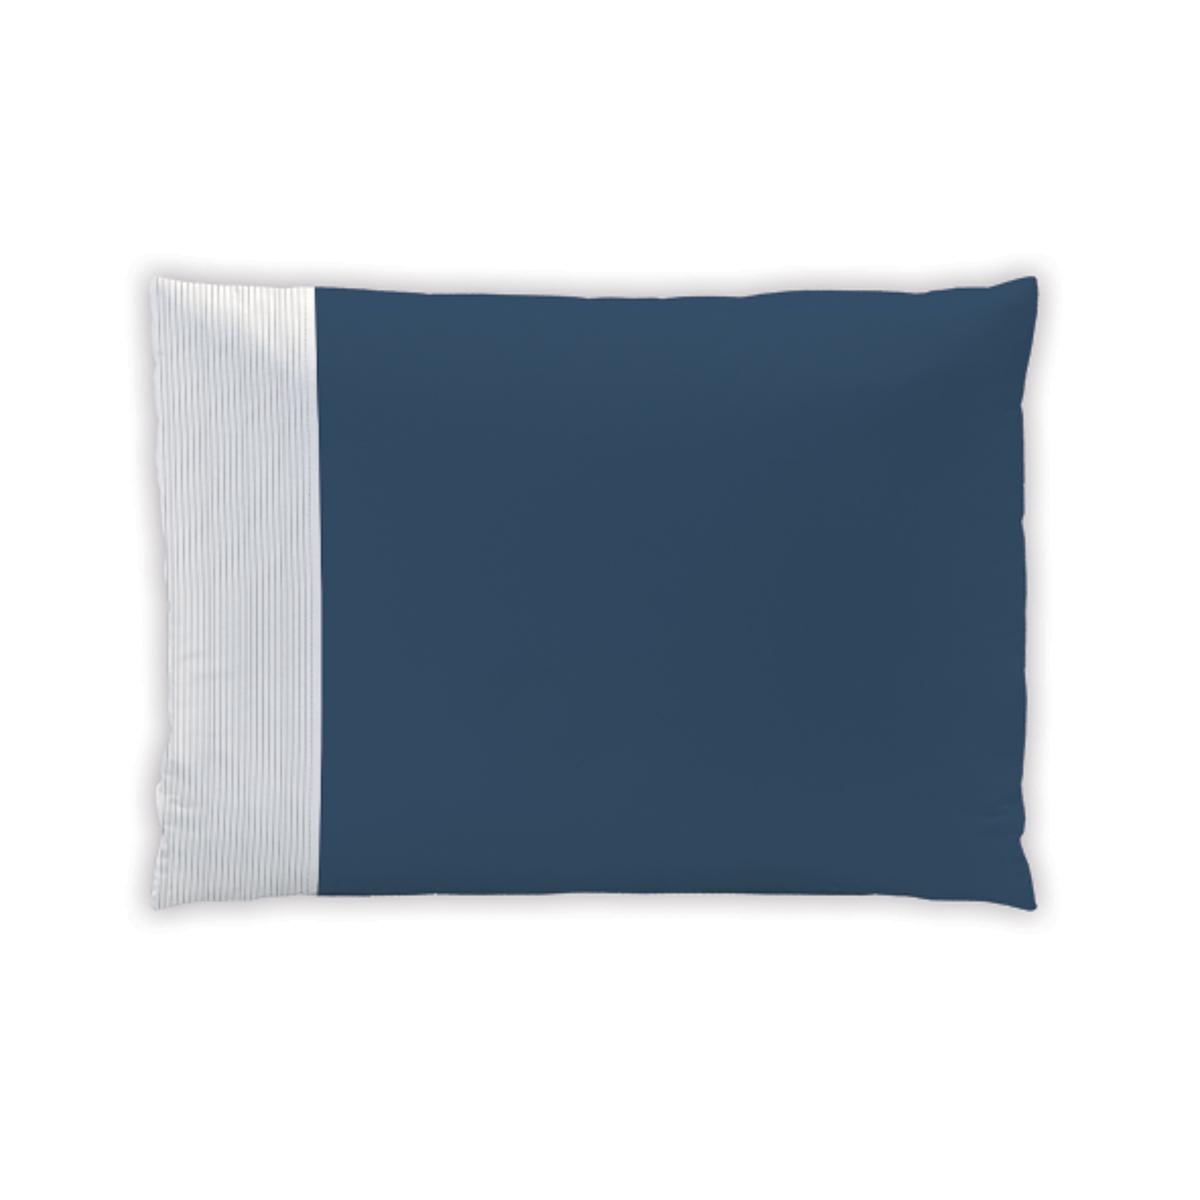 Taie d'oreiller plissée en coton 50x70 cm